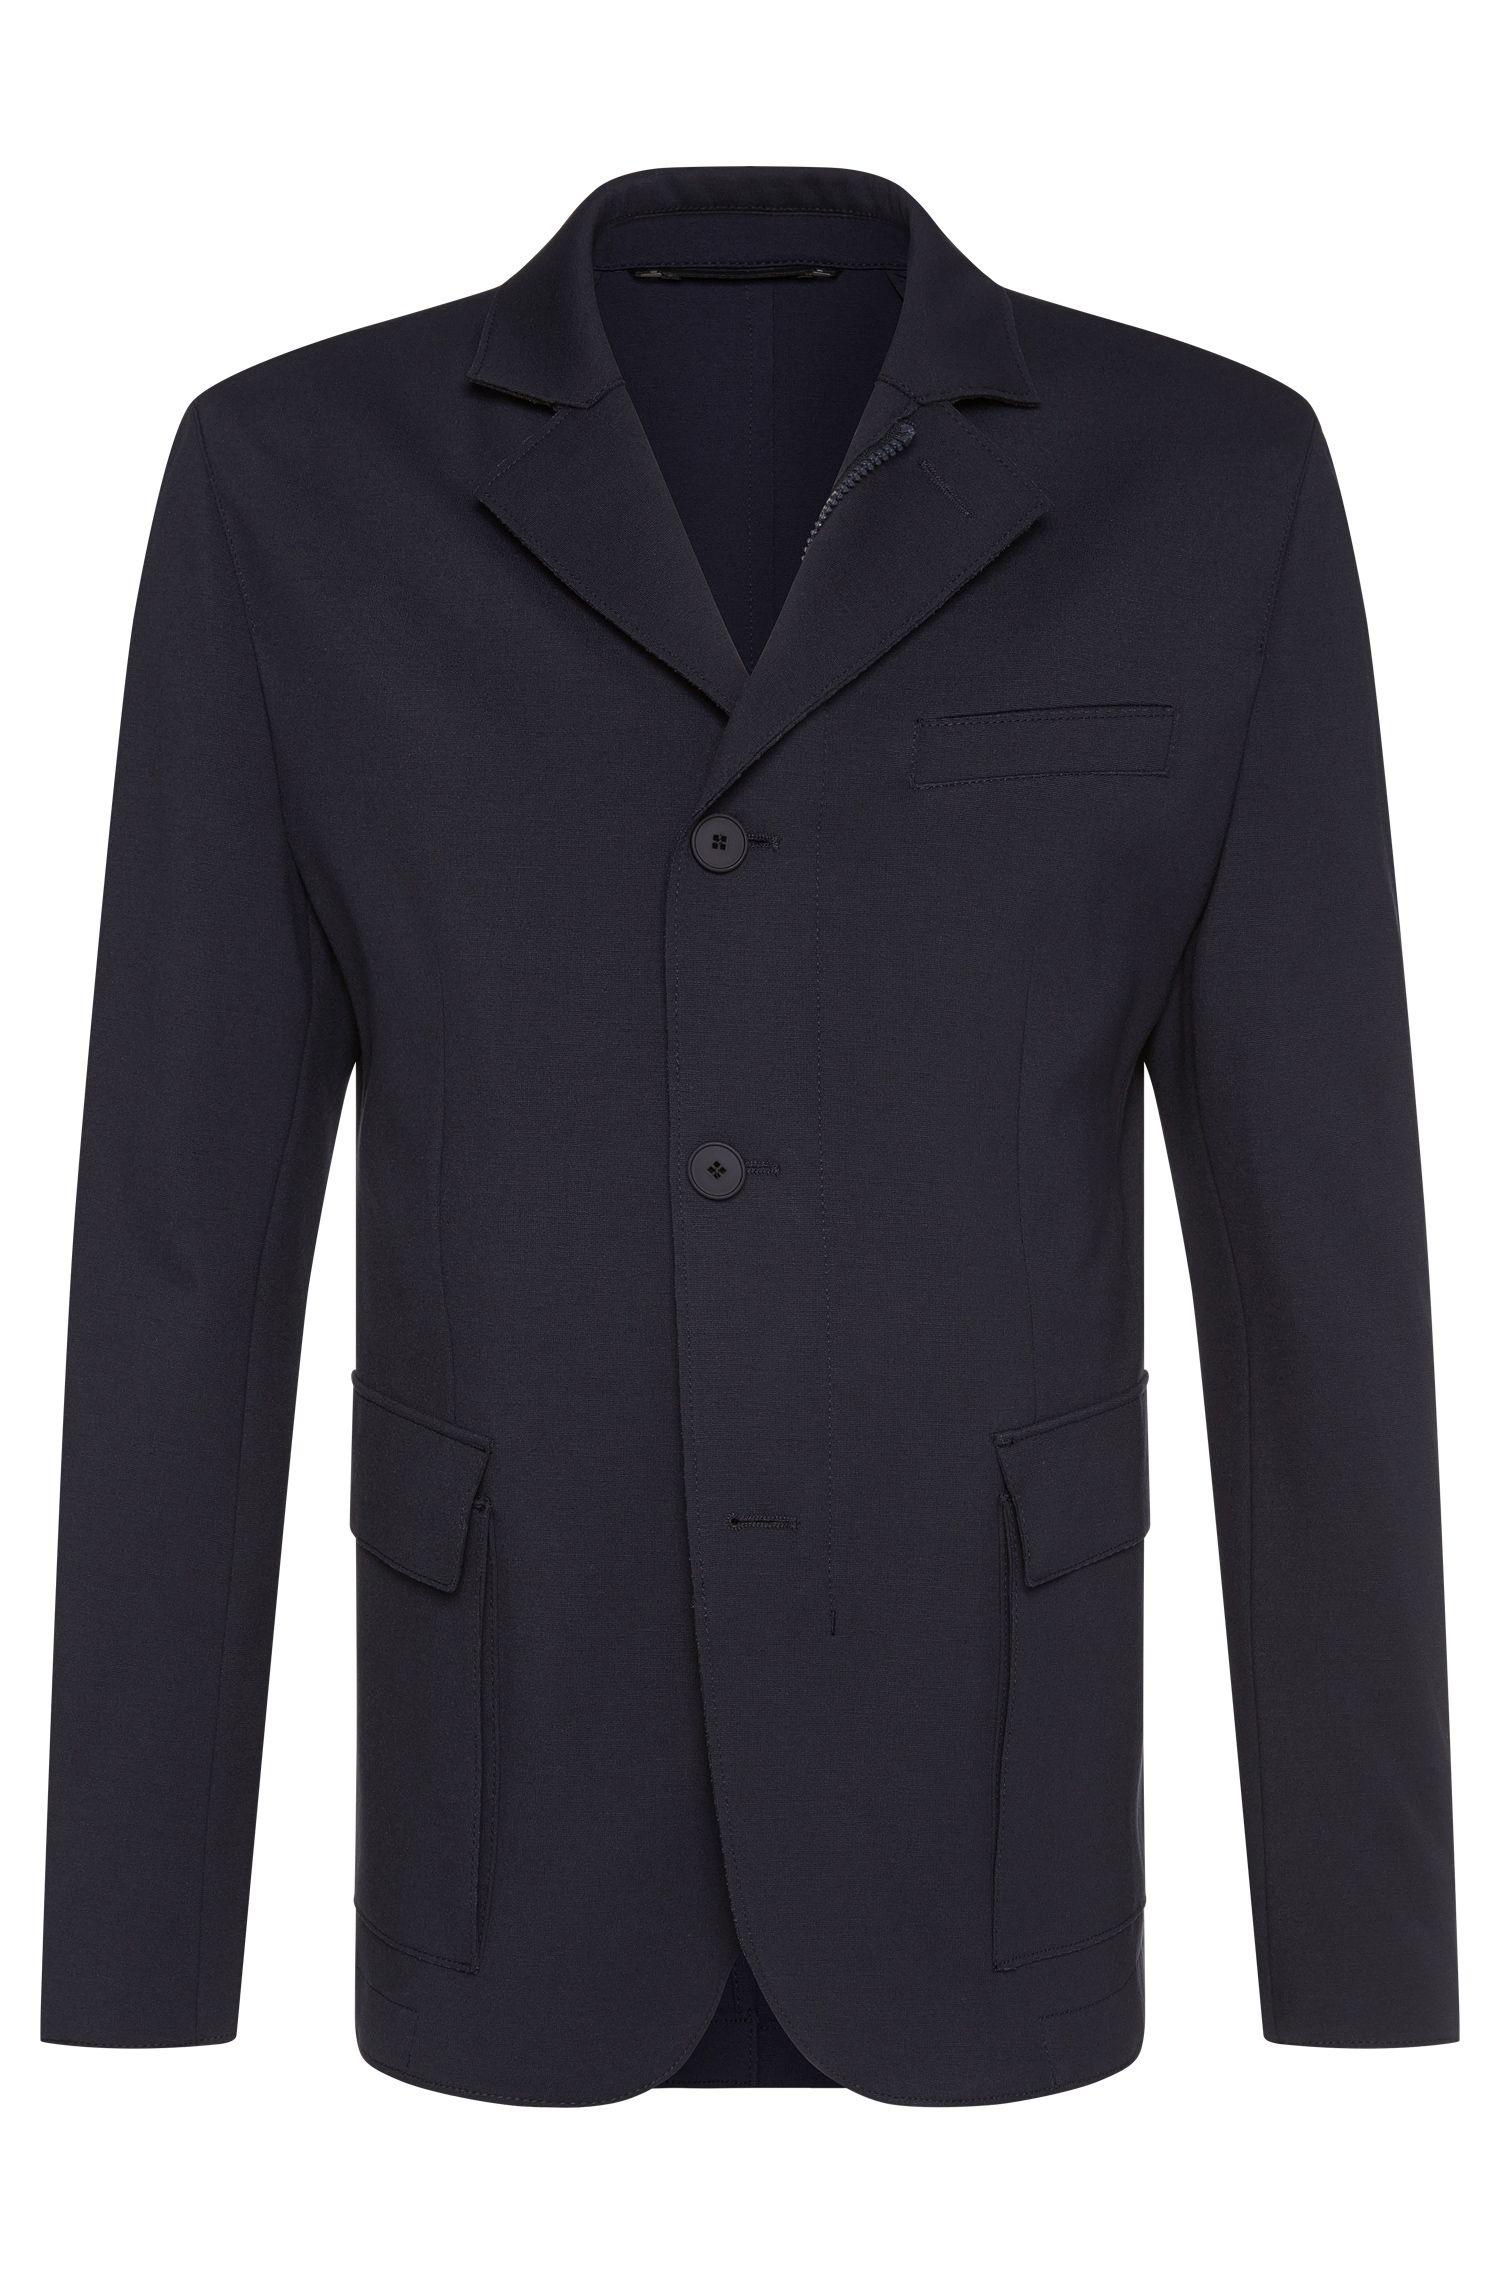 Veste de costume Slim Fit Tailored en viscose mélangée extensible, fermée par un zip: «T-Niam»